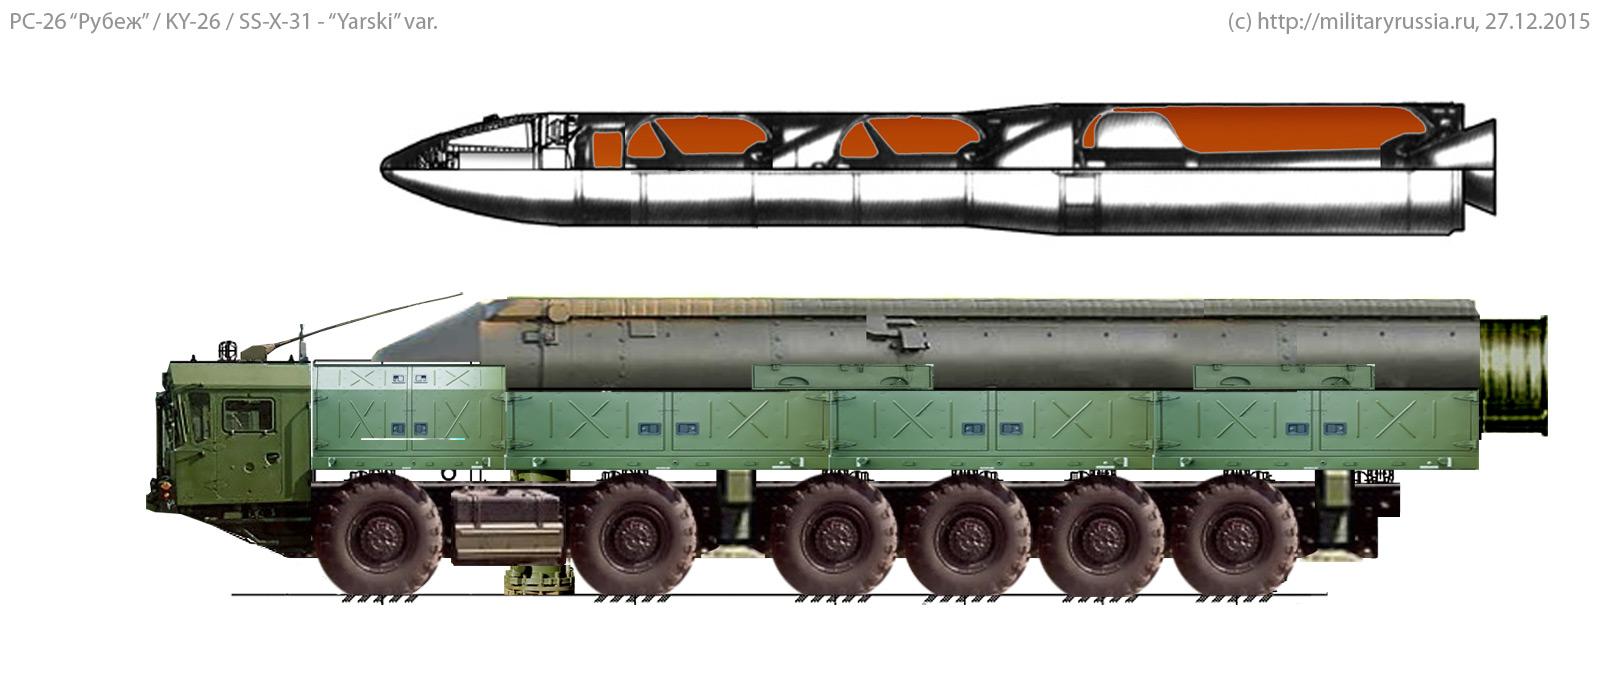 """Программа подвижного ракетного комплекса """"Рубеж"""" приостановлена"""